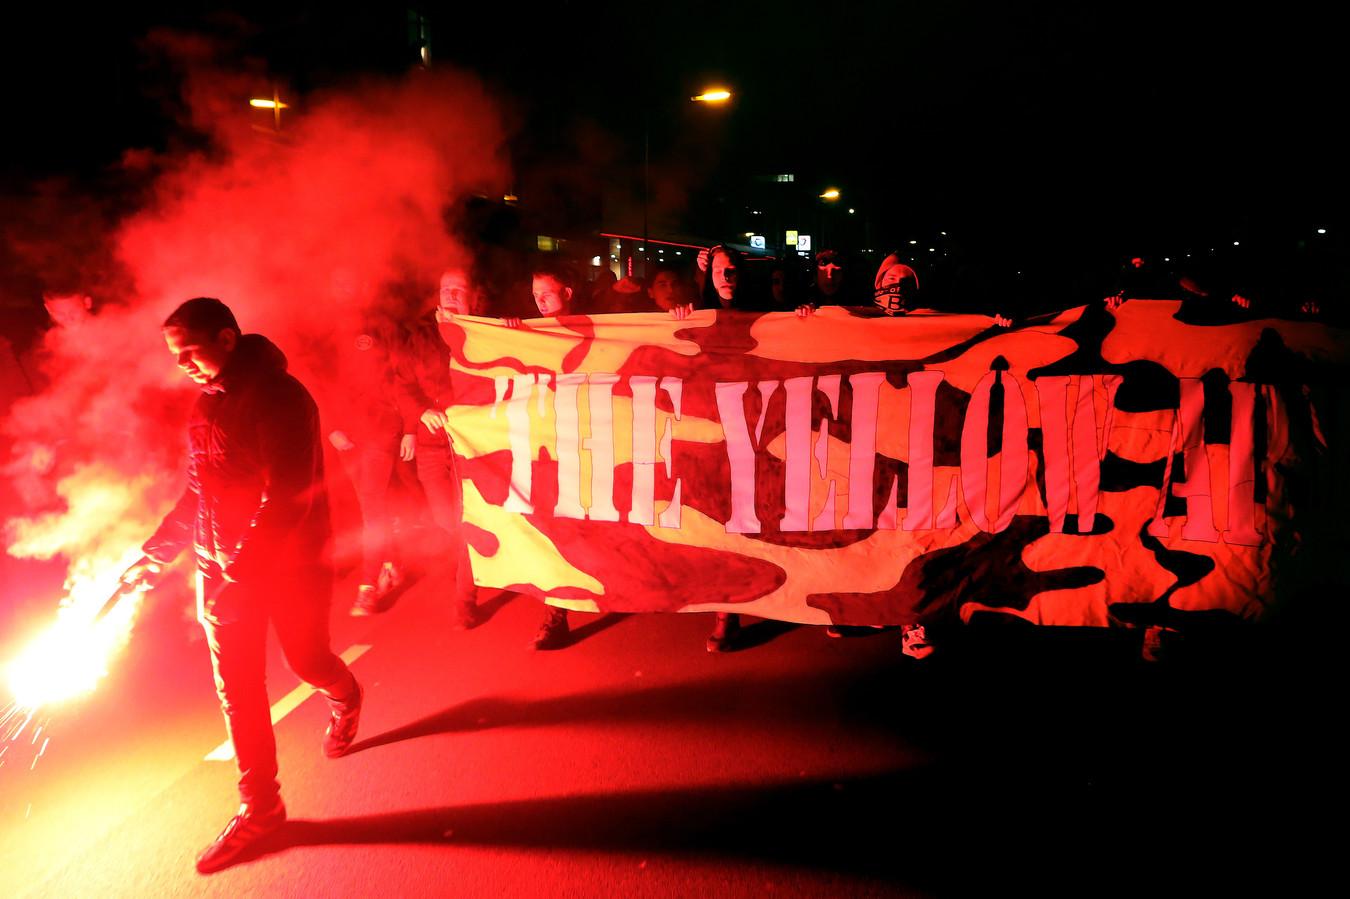 Supporters van NAC op archiefbeeld. In aanloop naar de ontmoeting met FC Volendam brak de harde kern de nachtrust van de opponent middels het afsteken van vuurwerk.